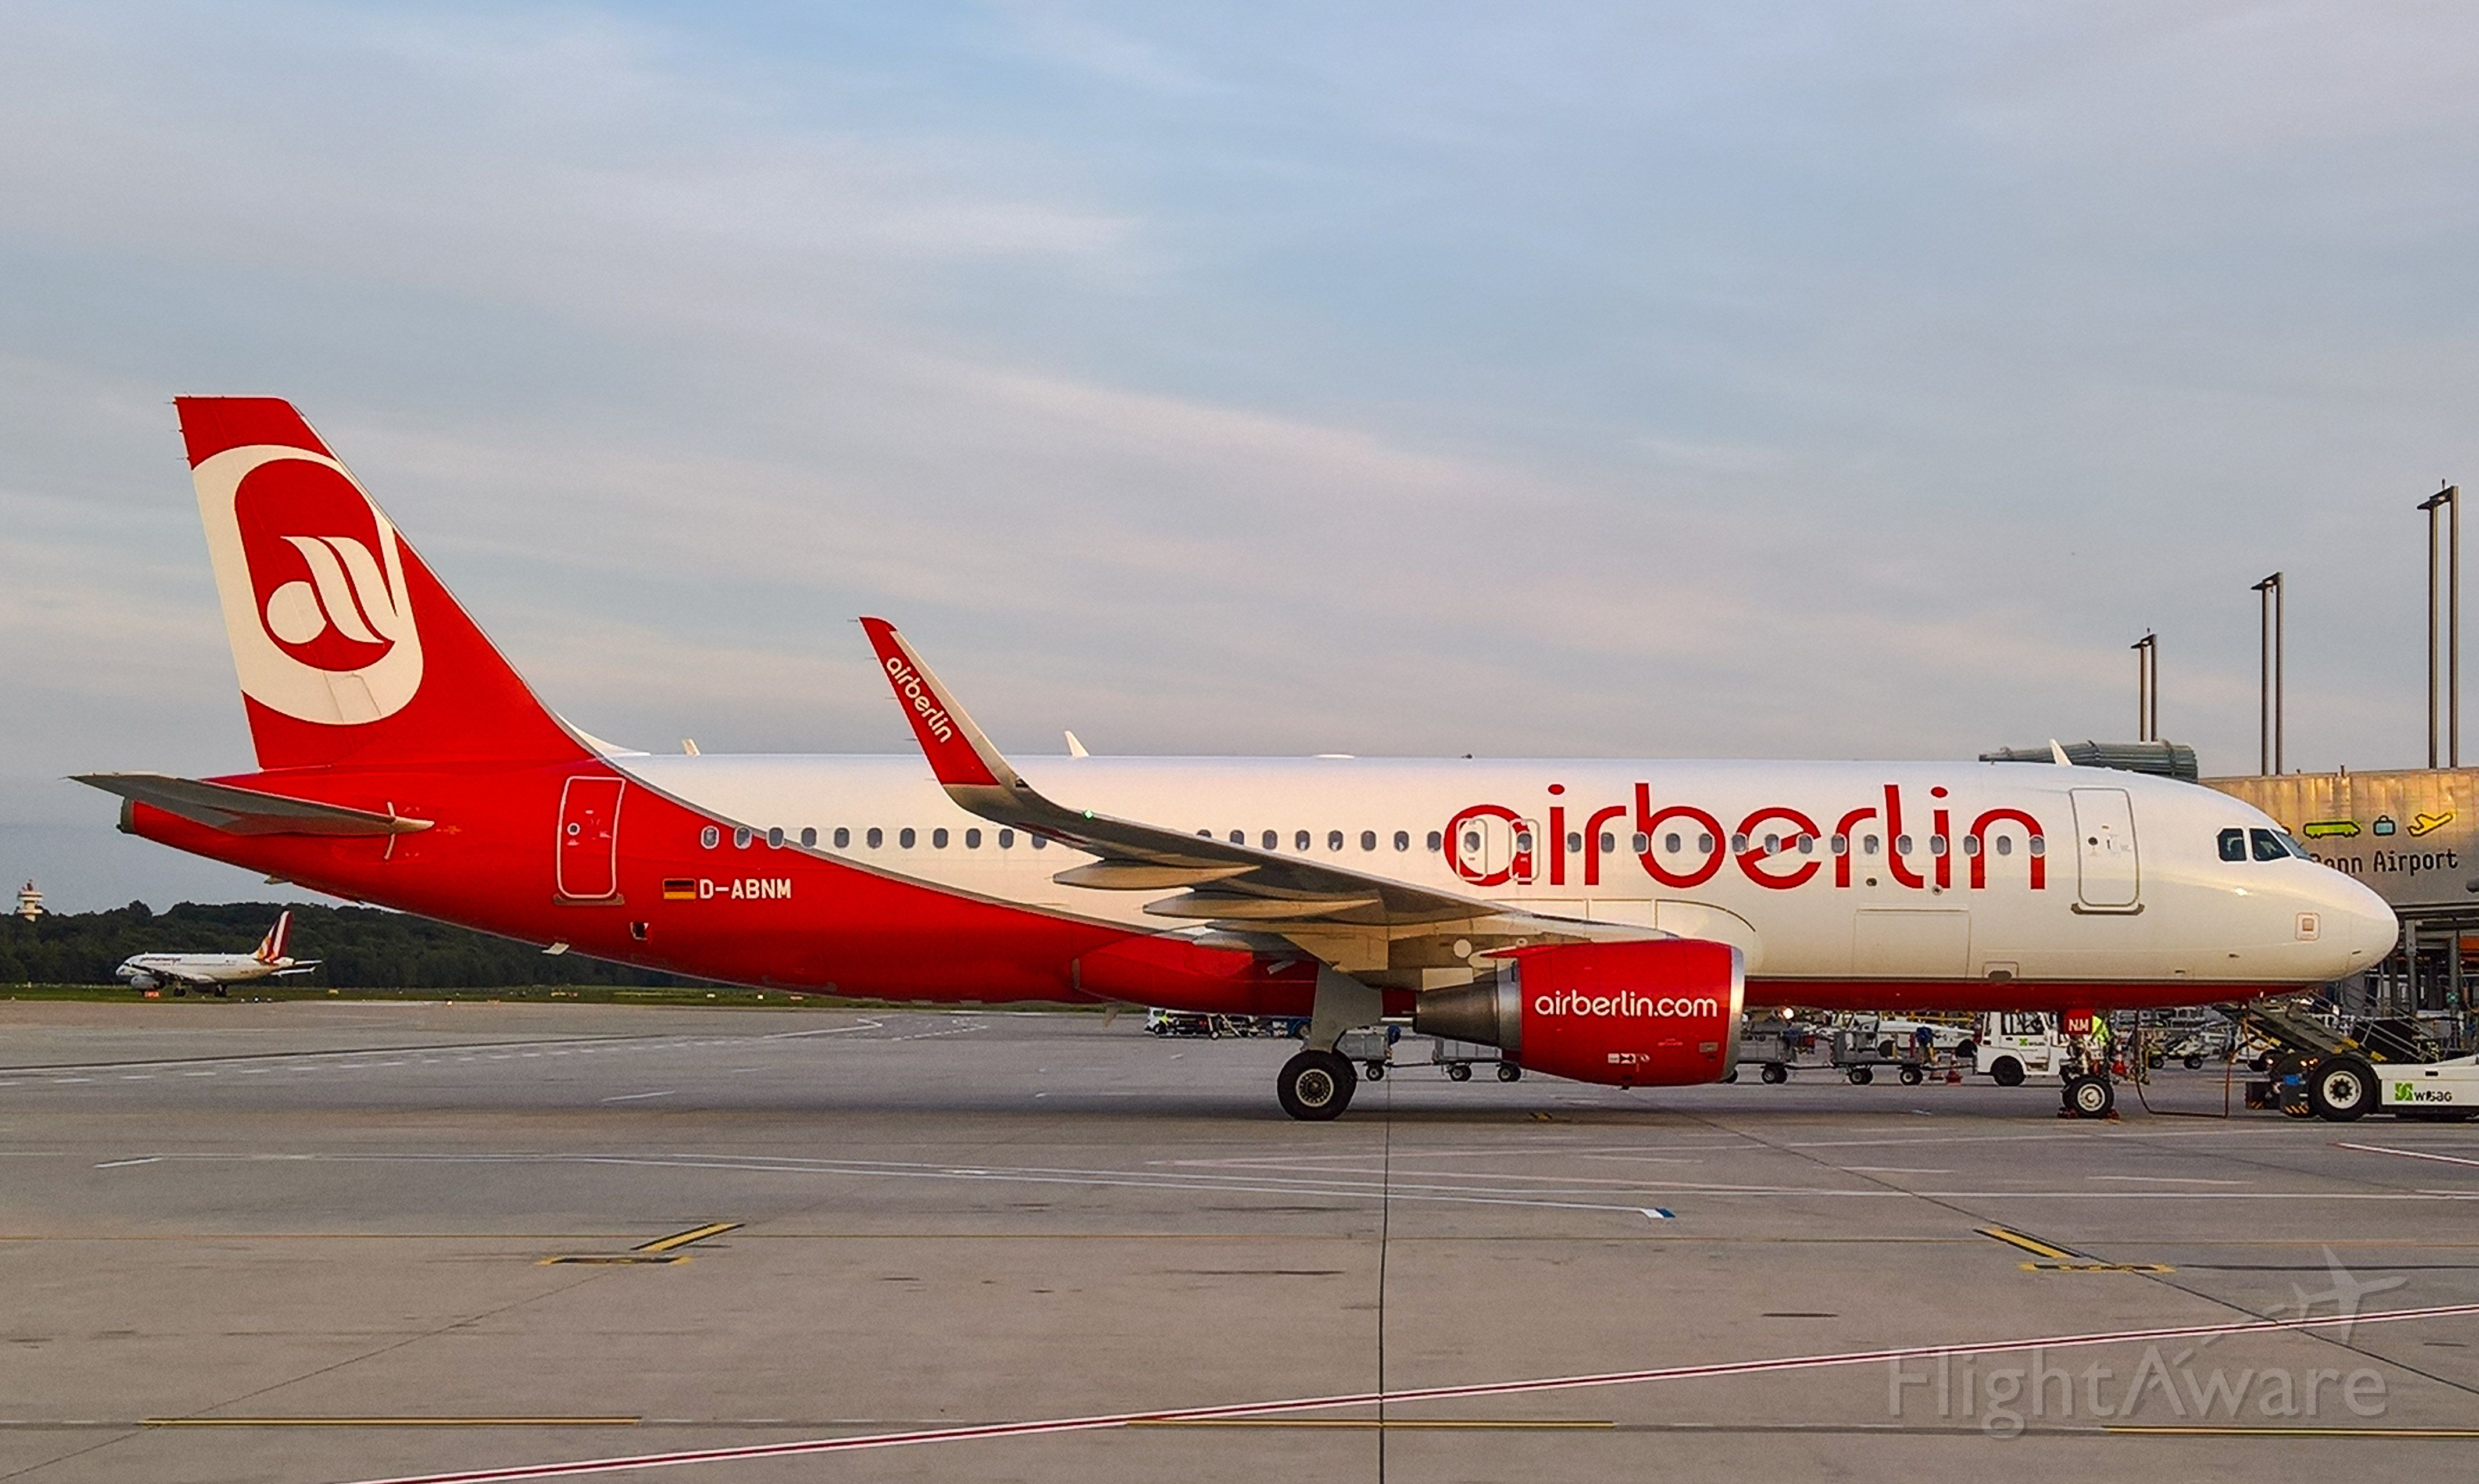 Airbus A320 (D-ABNM)